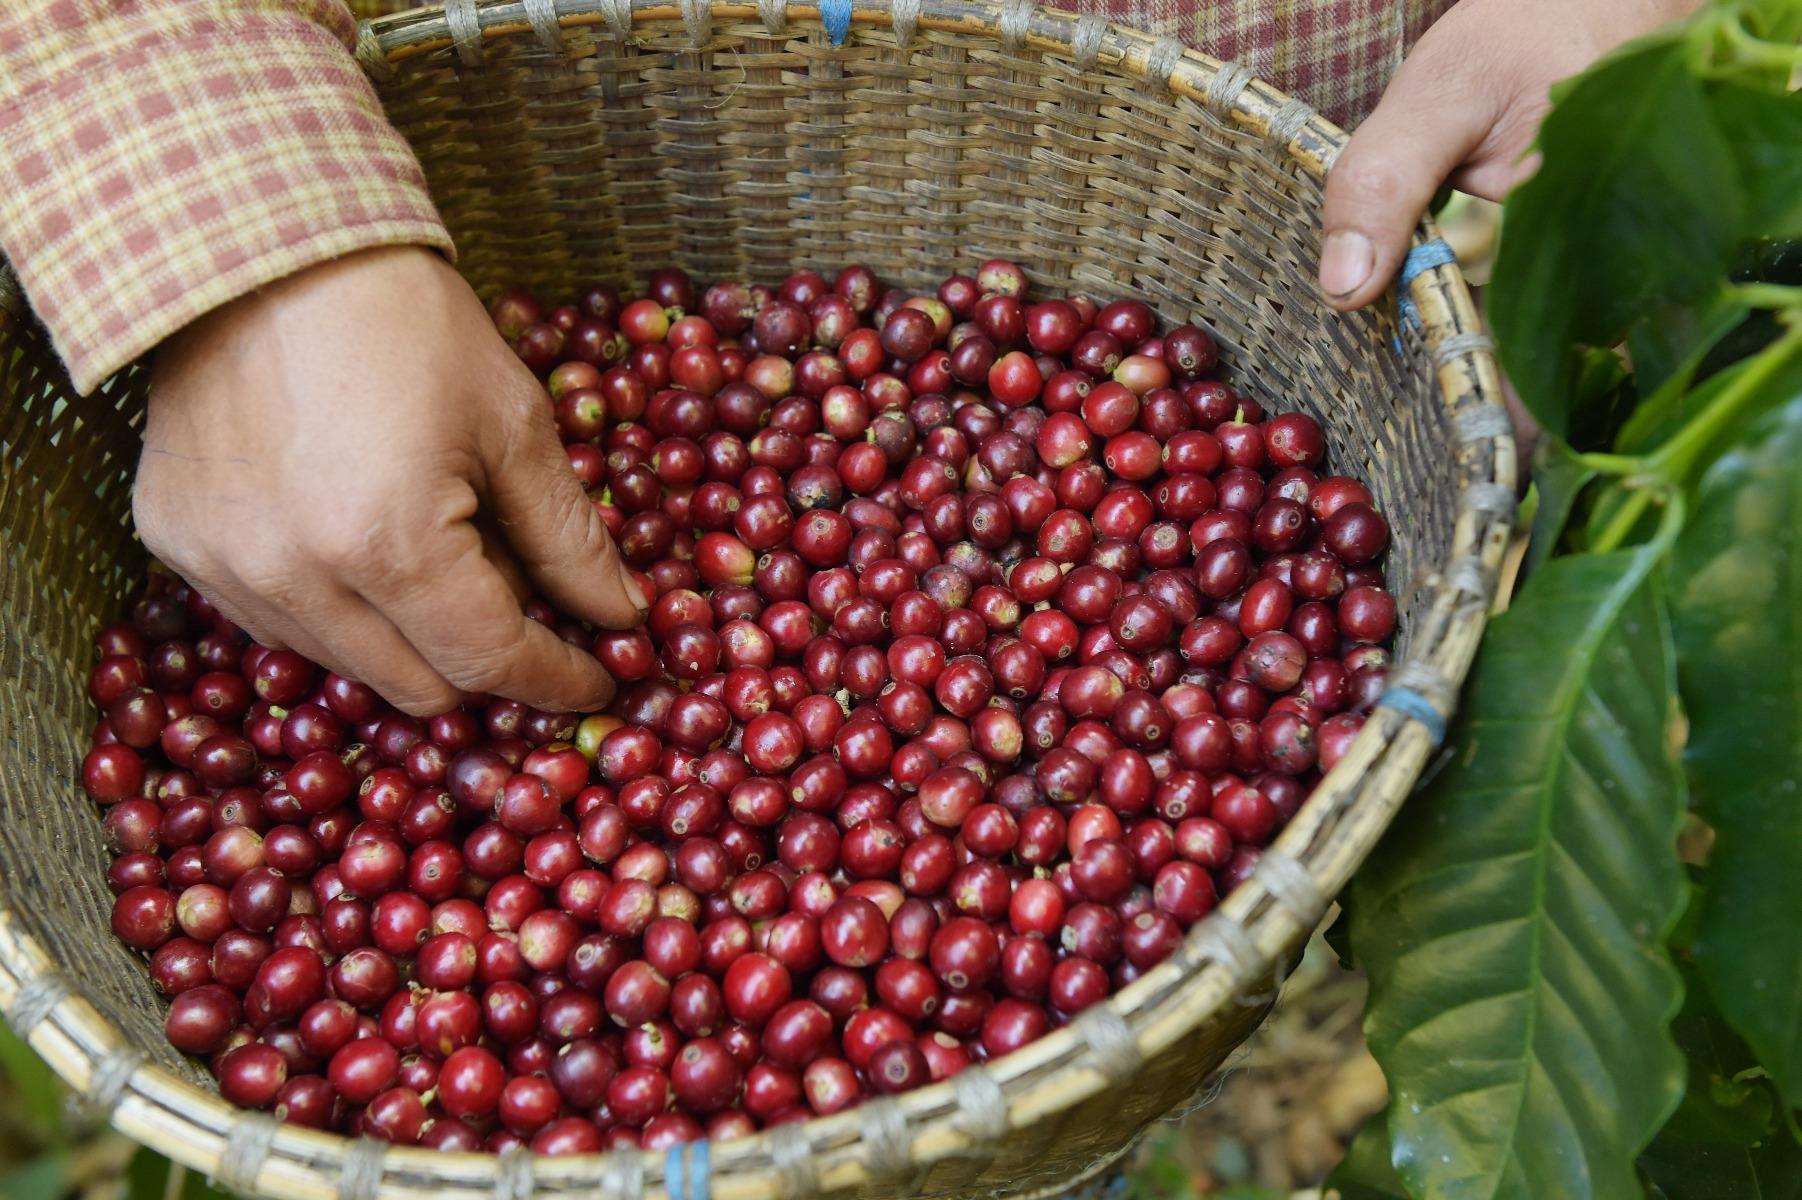 Naturale, lavato e honey:  come i metodi di lavorazione influenzano i caffè che bevi